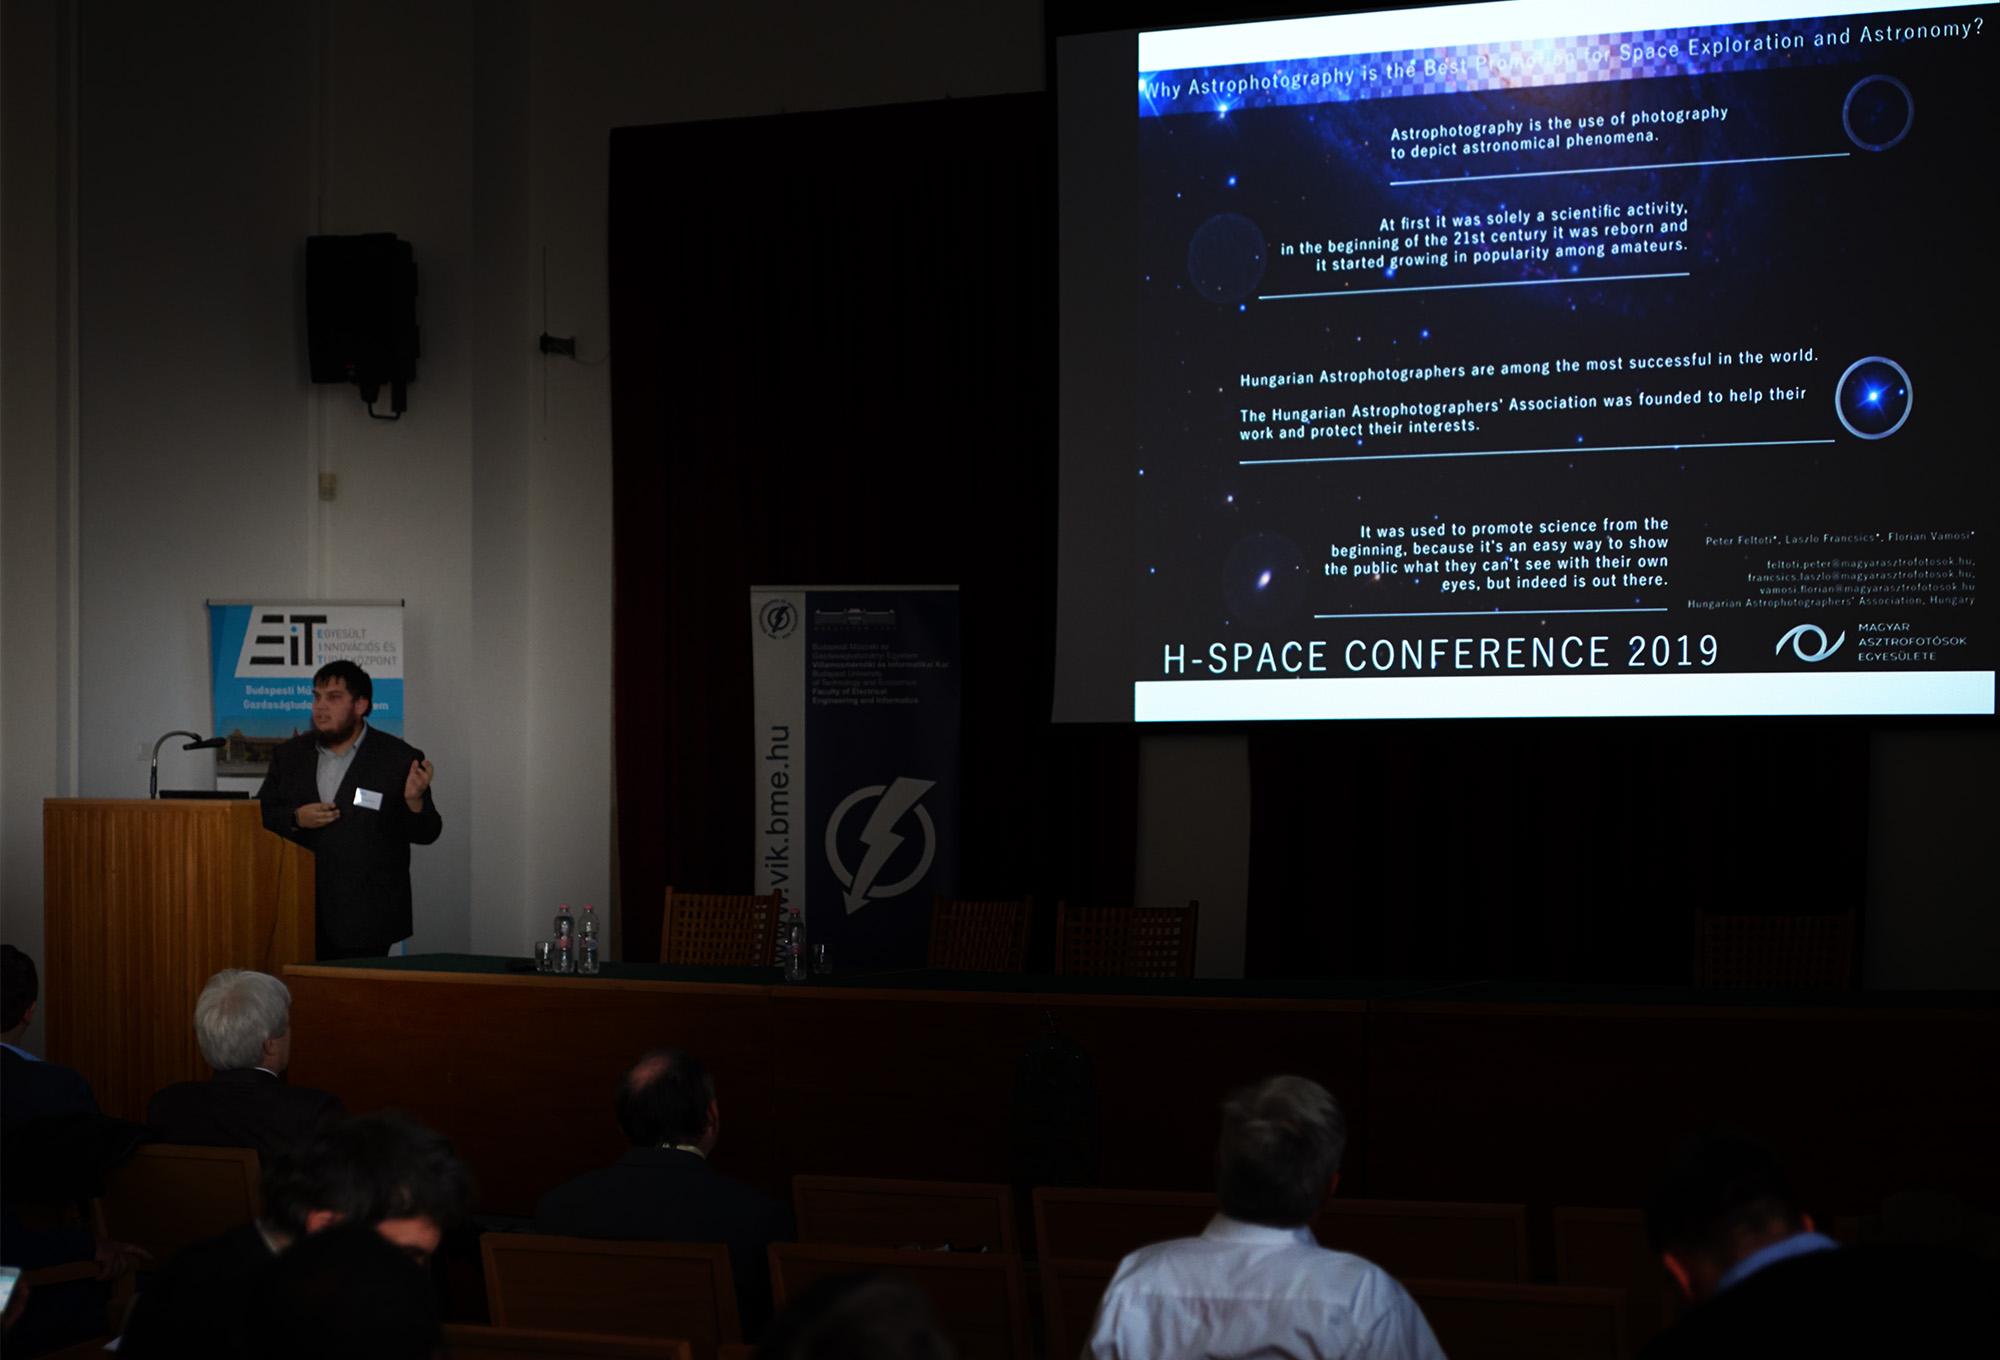 Vámosi Flórián ismerteti az asztrofotózás és űrkutatás kapcsolatáról készült tanulmányt.